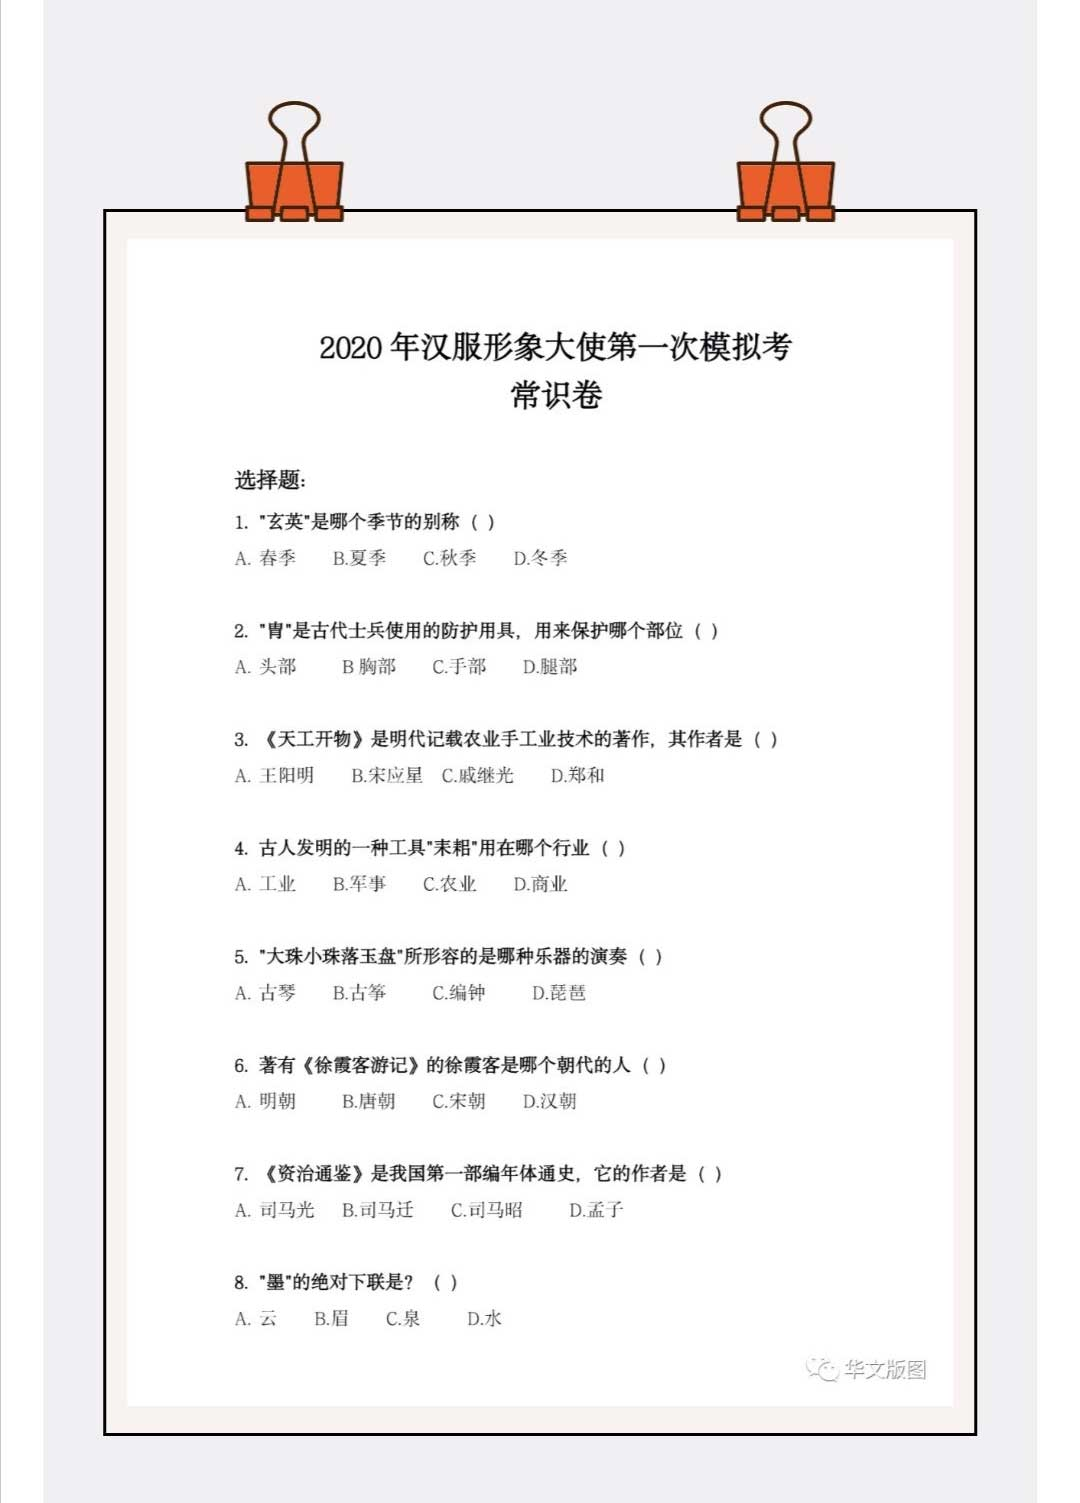 西塘汉服文化节如何报名摊位?西塘汉服摊位